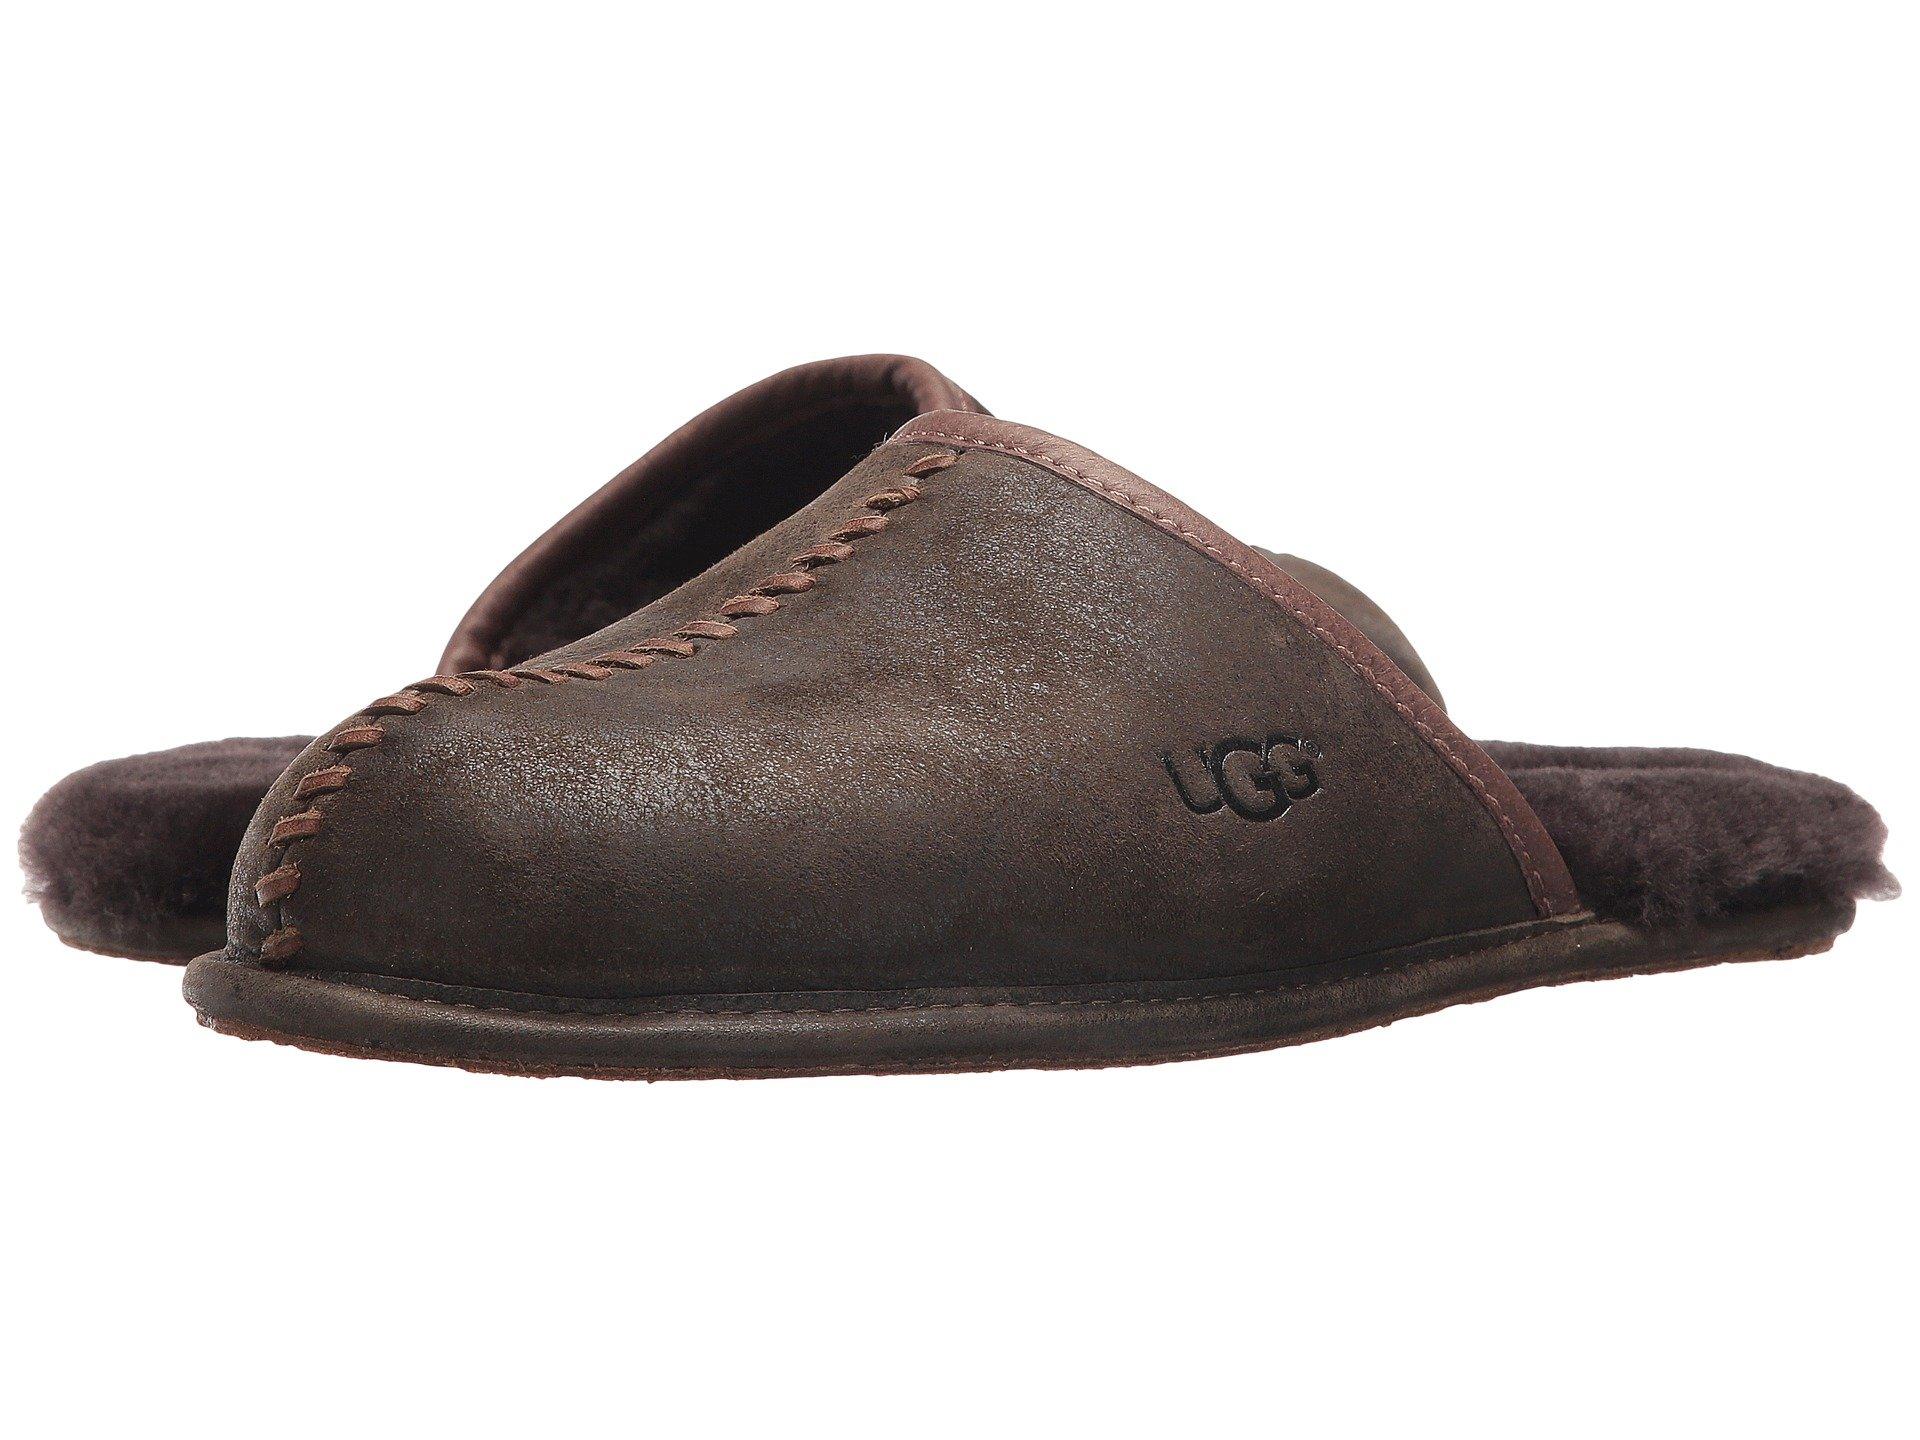 Zapatos de Descanso para Hombre UGG Scuff Deco  + UGG en VeoyCompro.net